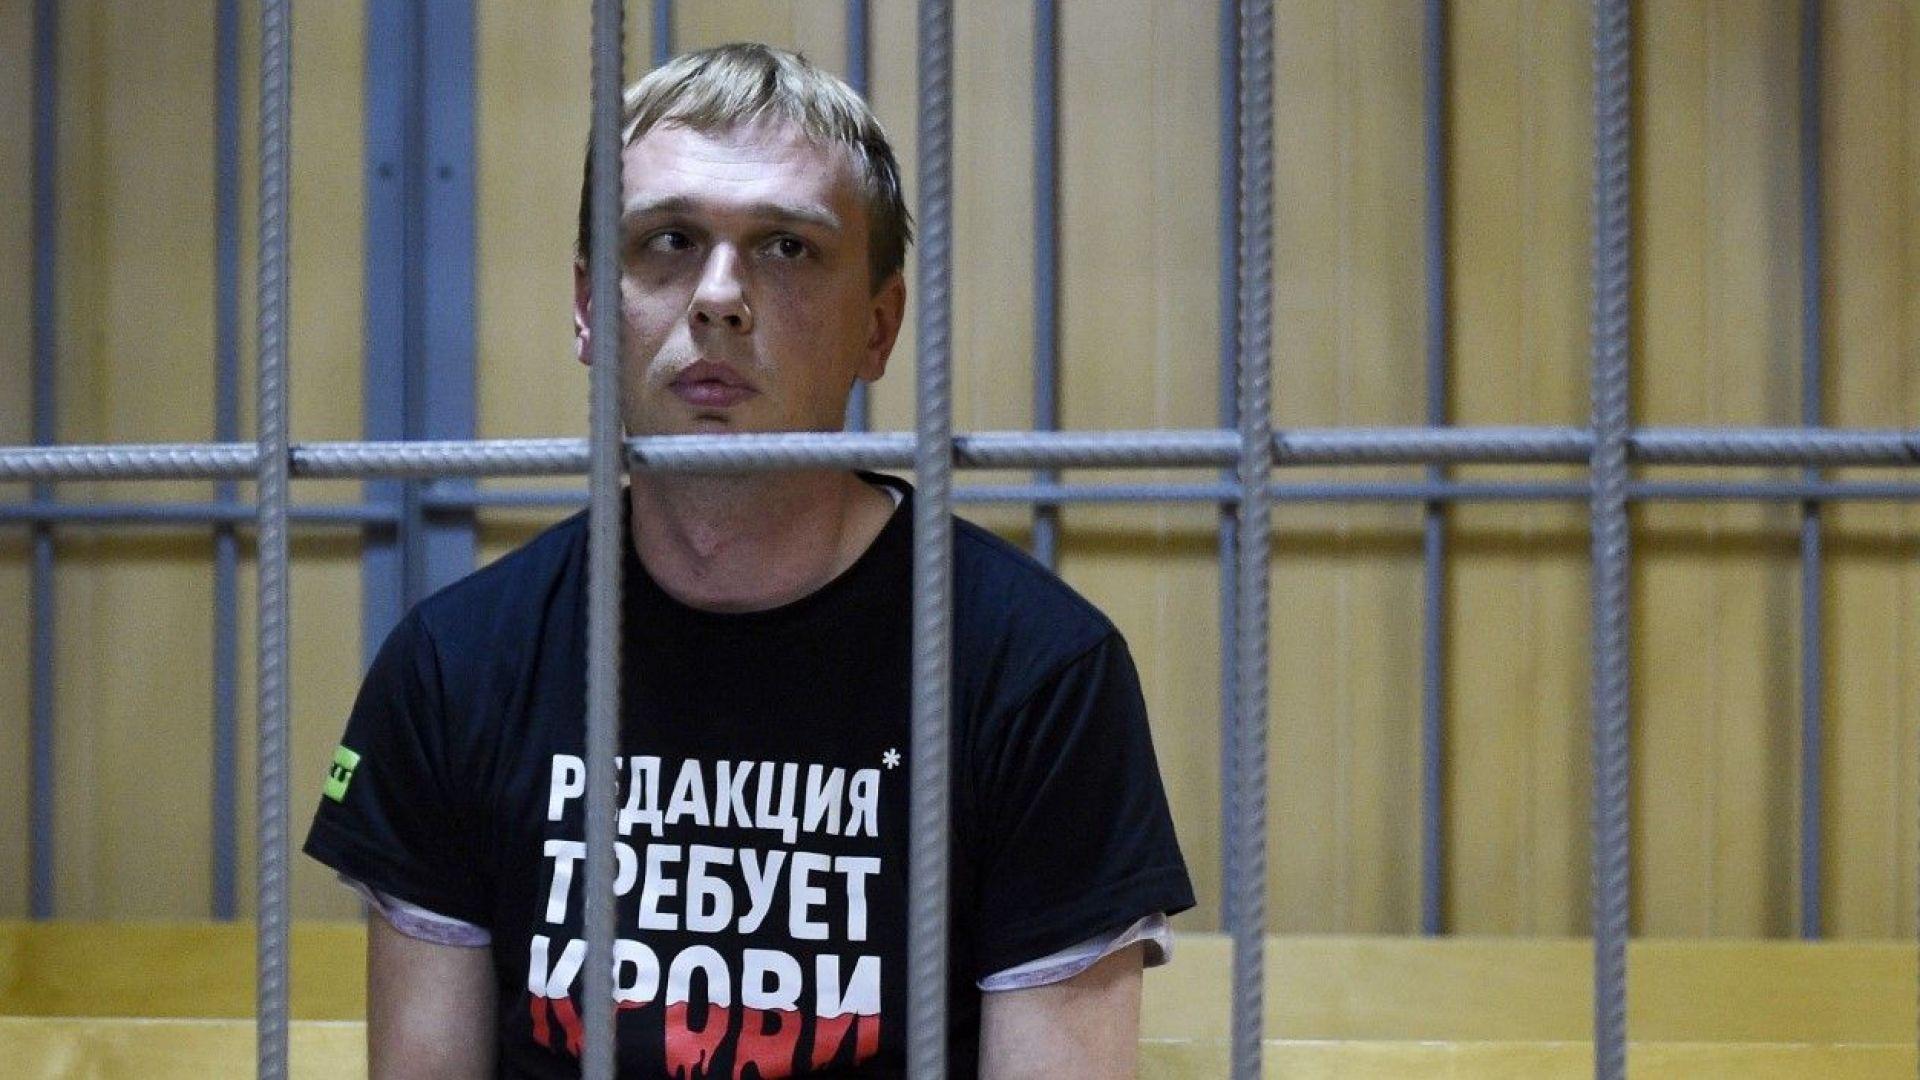 Съдия от Никулинския районен съд в Москва постанови журналистът Иван